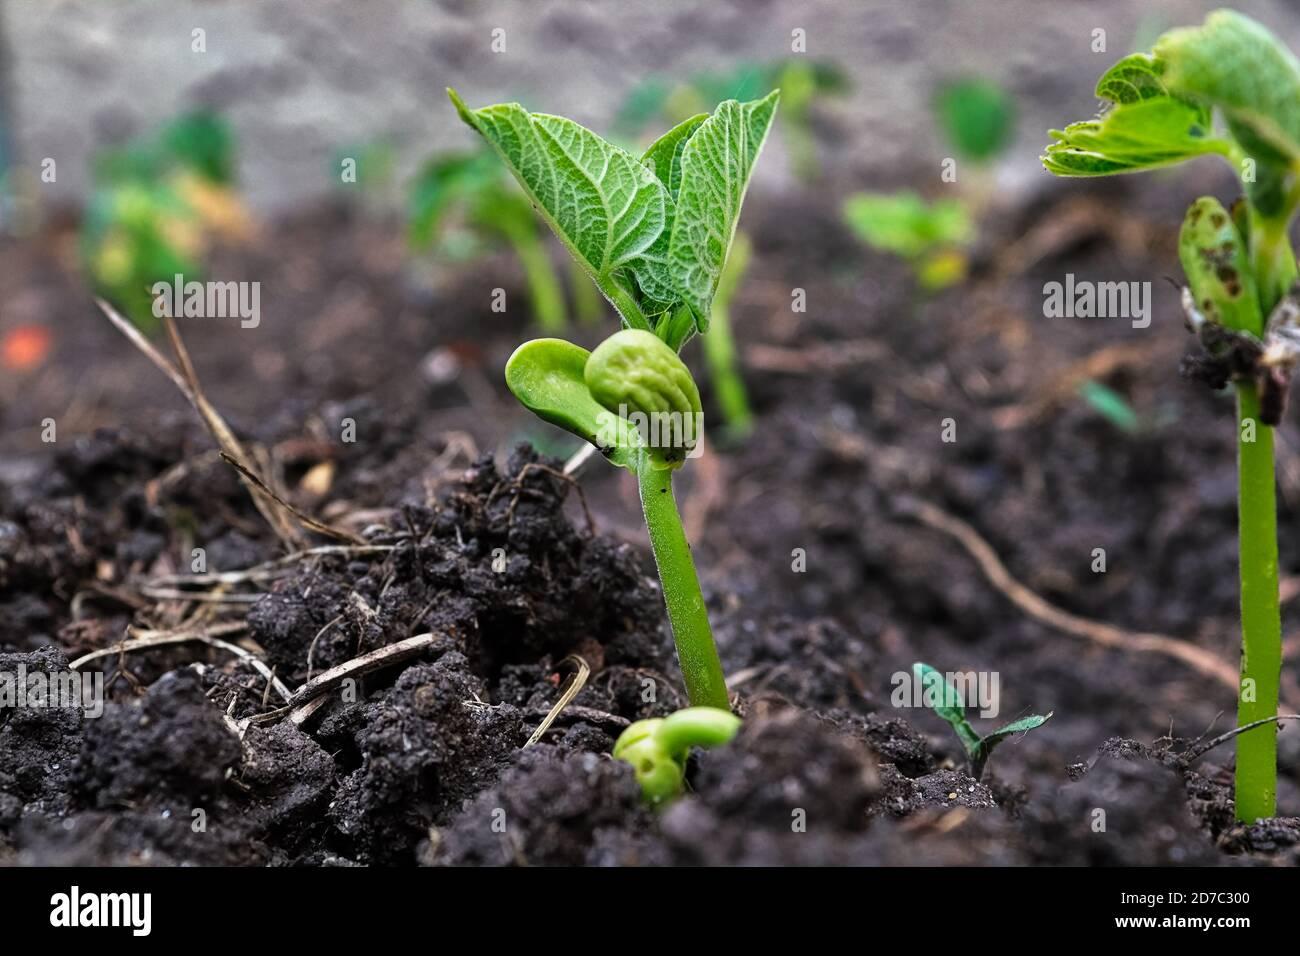 Brotes de frijol joven creciendo sus primeras hojas Foto de stock